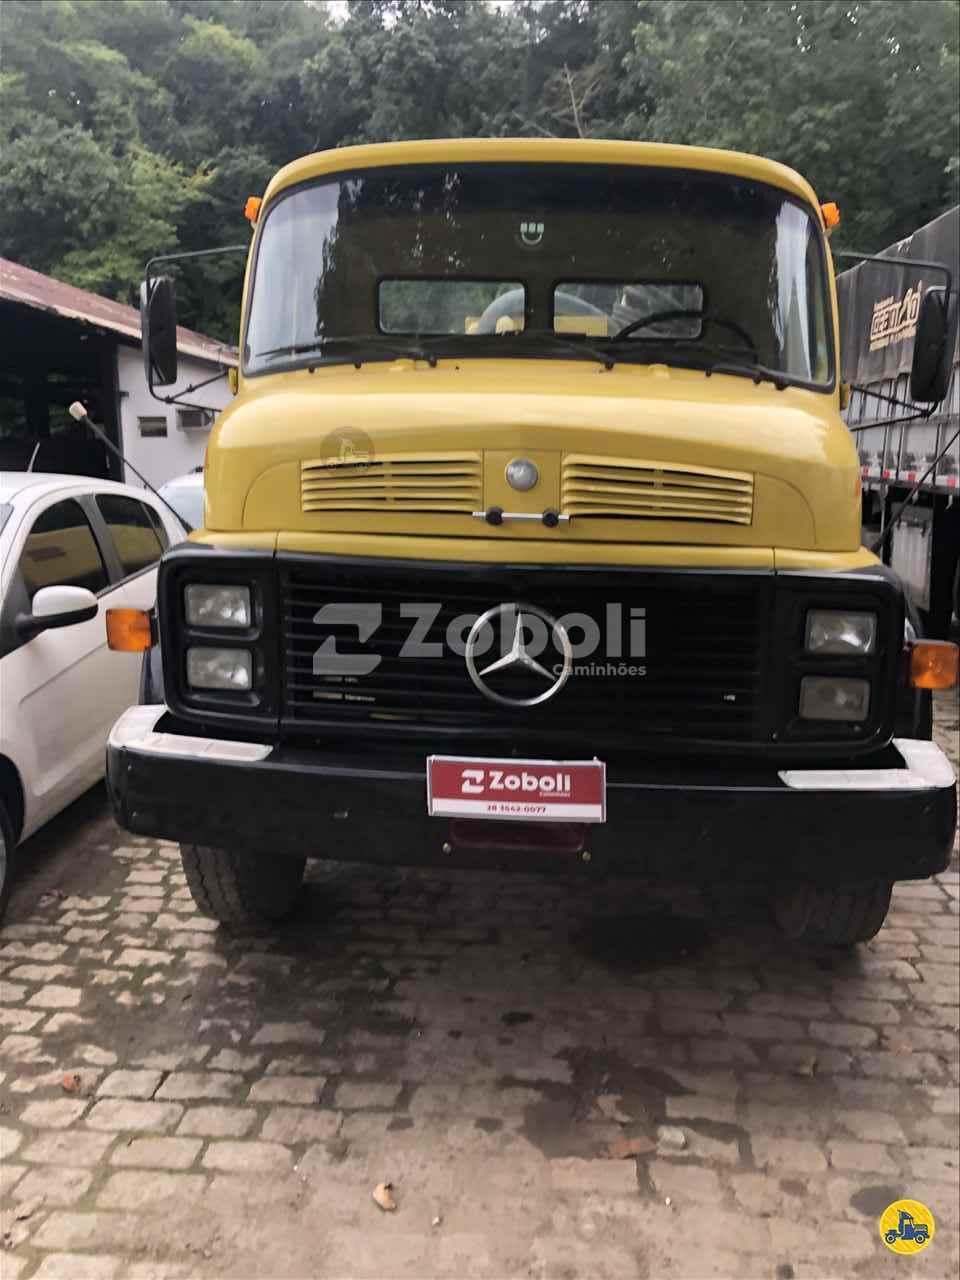 CAMINHAO MERCEDES-BENZ MB 1513 Tanque Pipa Toco 4x2 Zoboli Caminhões CASTELO ESPÍRITO SANTO ES